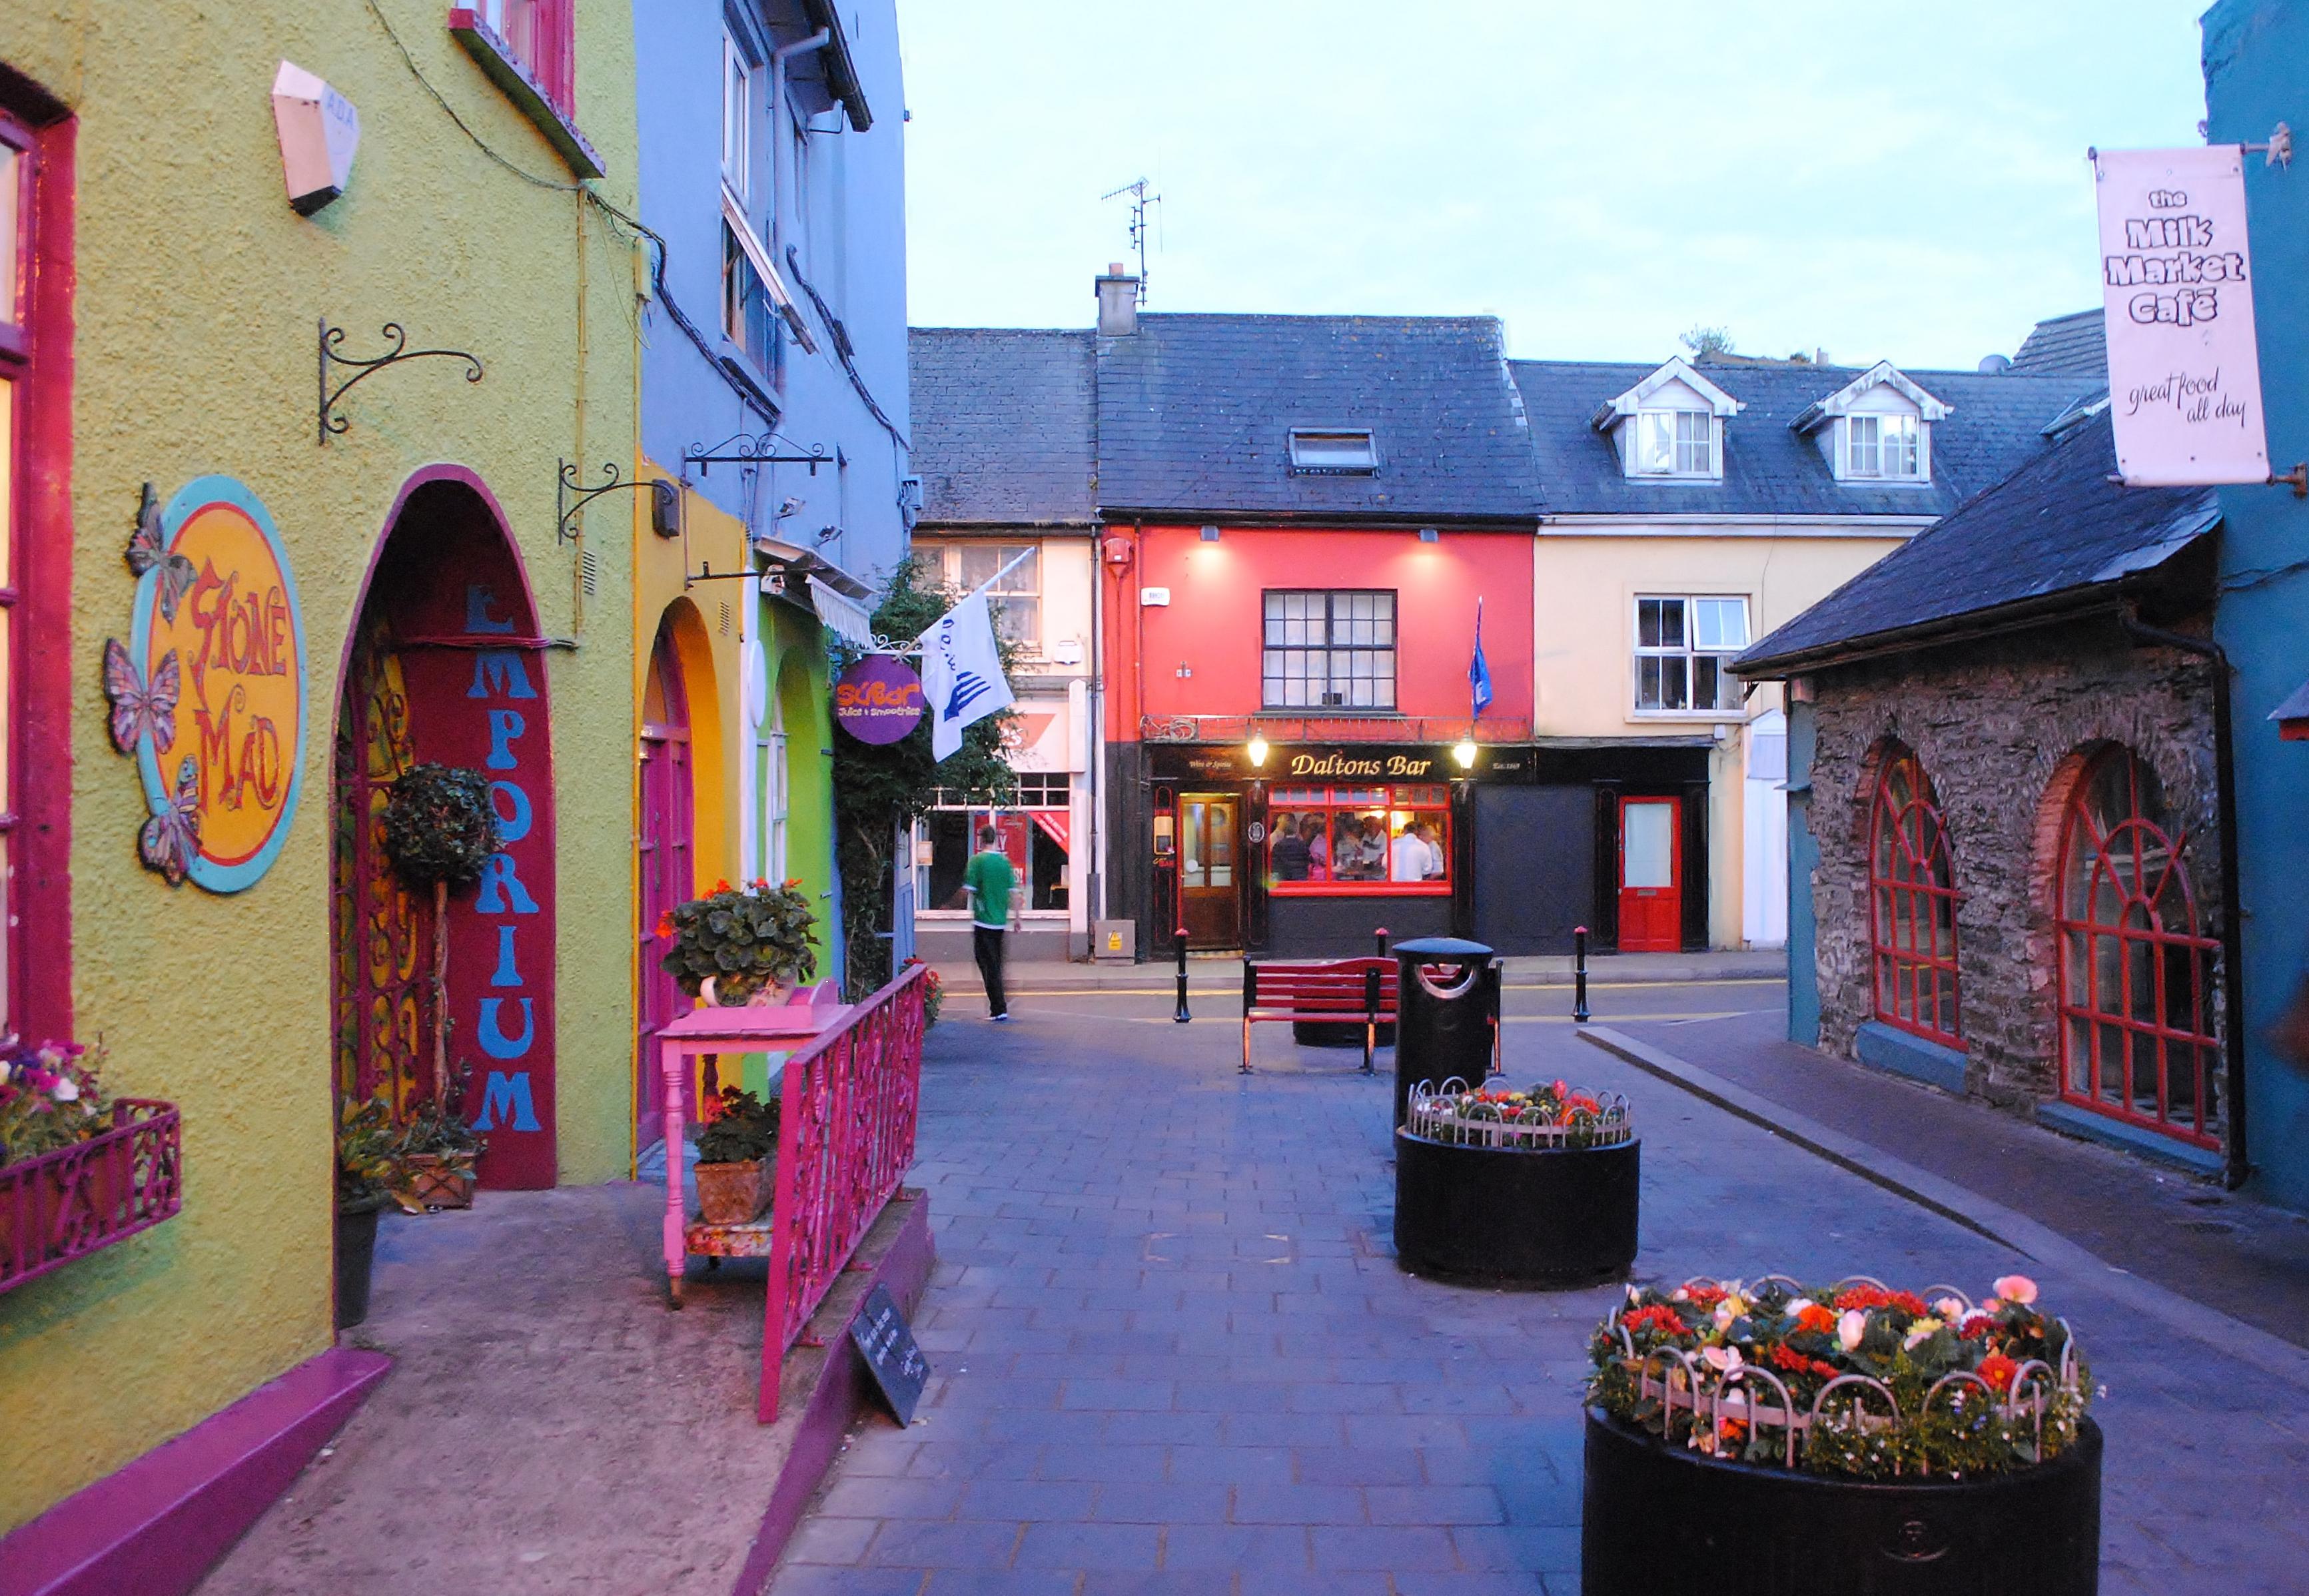 File:Kinsale town.jpg - Wikimedia Commons